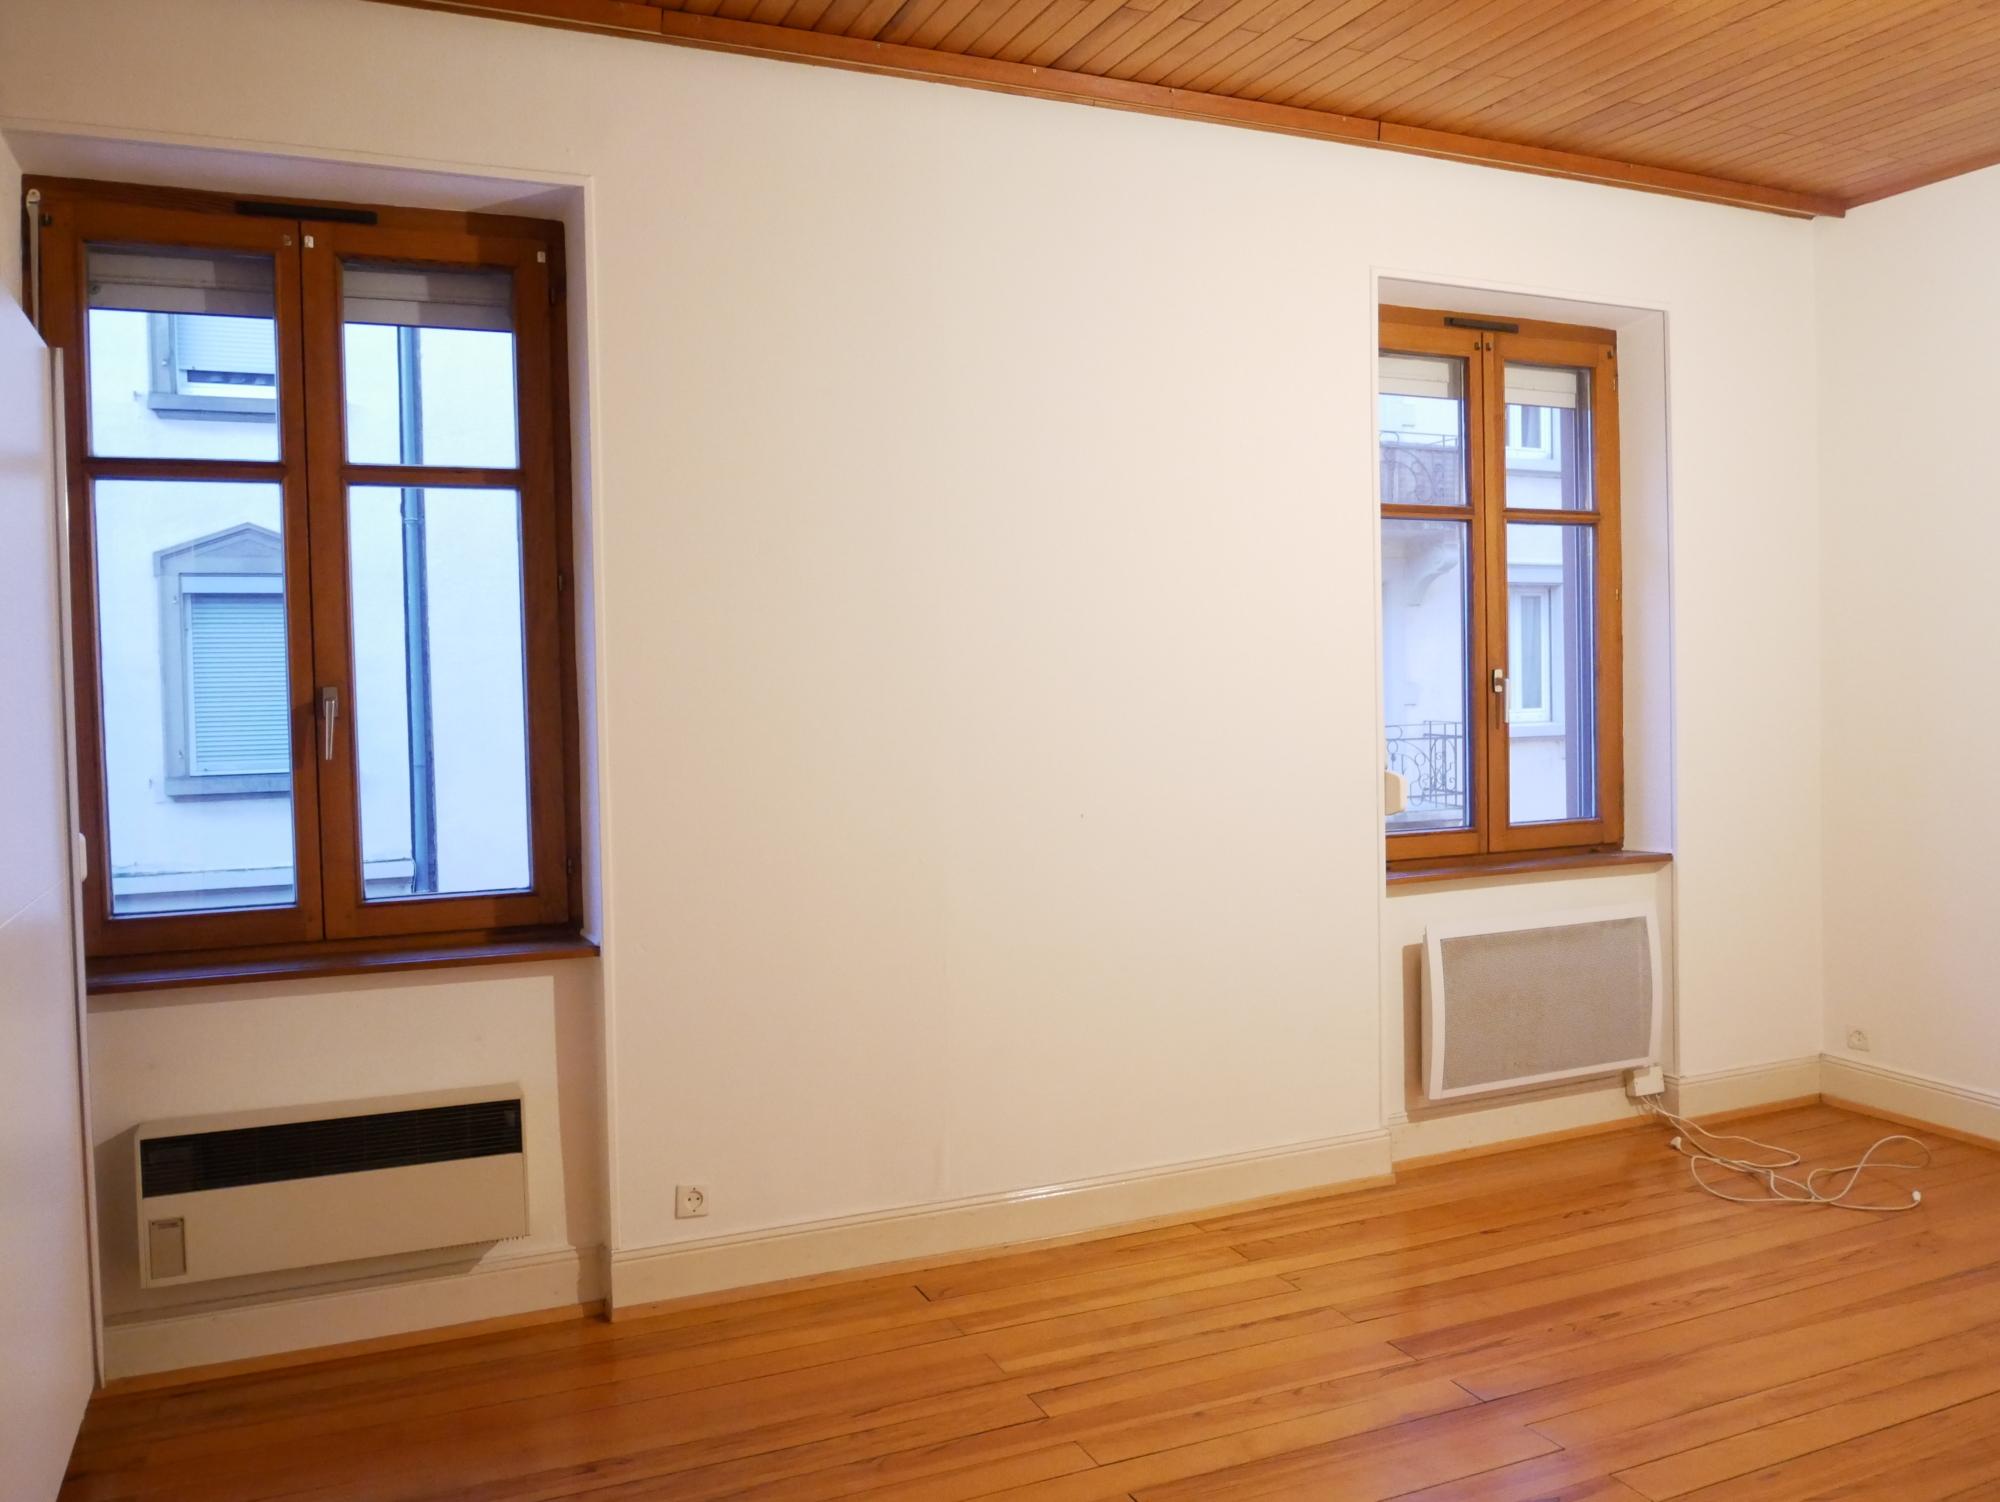 Spacieux 1 pièce - Neudorf / Rue de Benfeld - nos locations - Beausite Immobilier 2